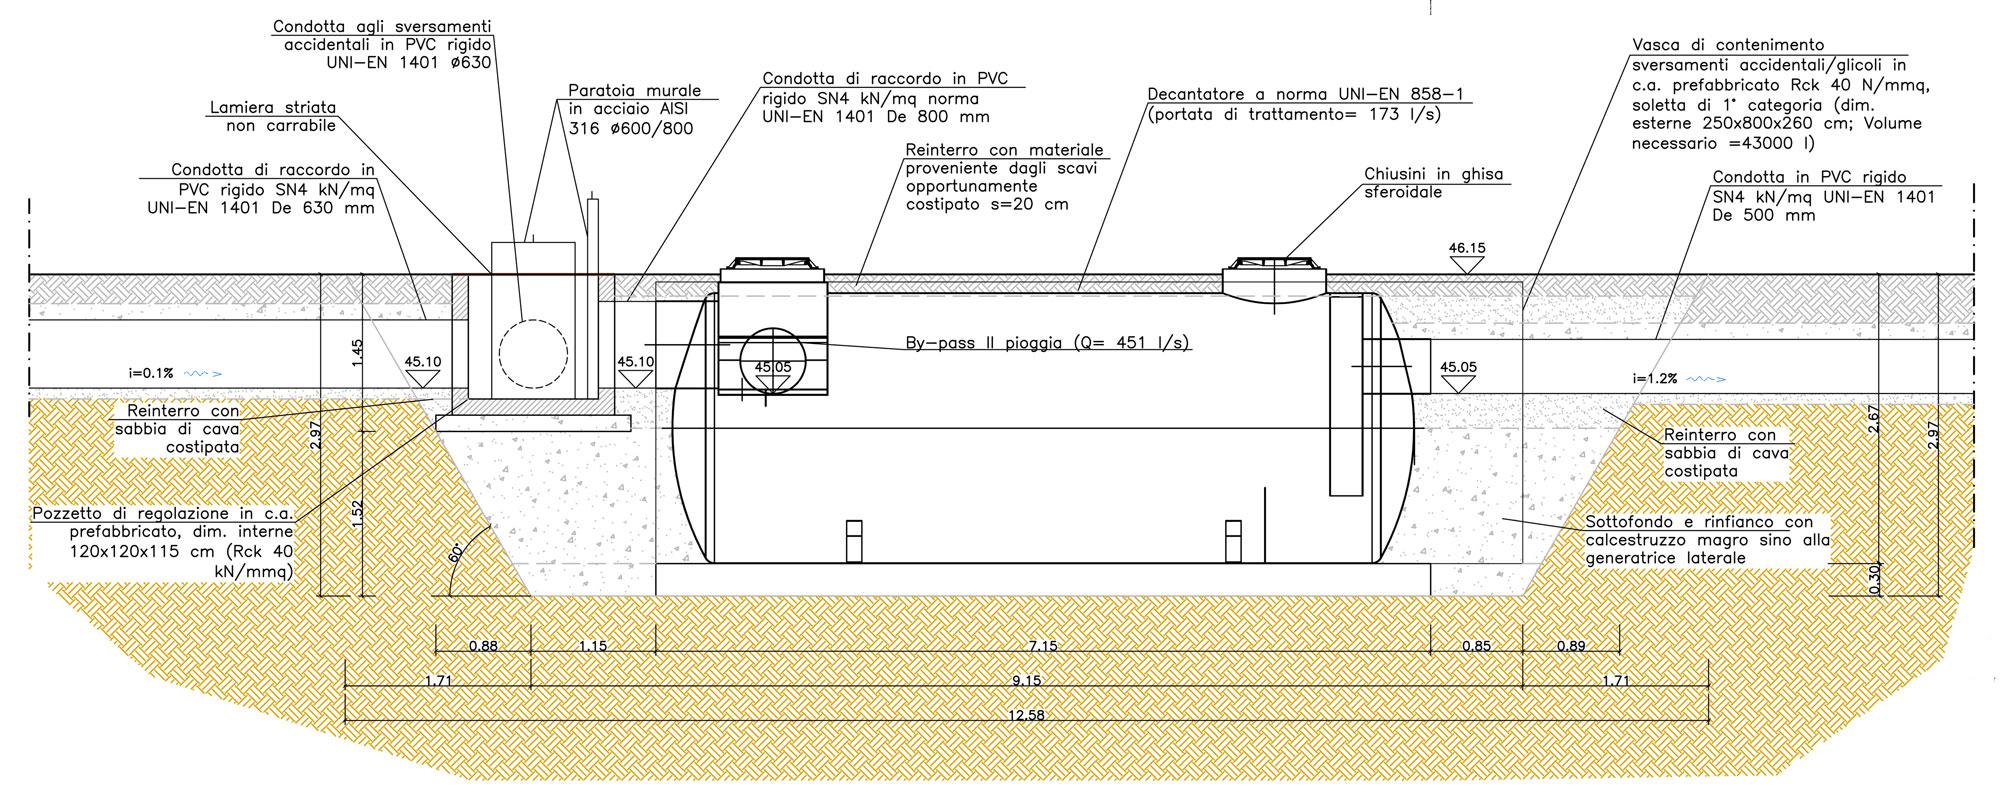 """Interventi di adeguamento del sistema di gestione delle acque meteoriche dell'aeroporto internazionale """"G. Verdi"""" di Parma"""